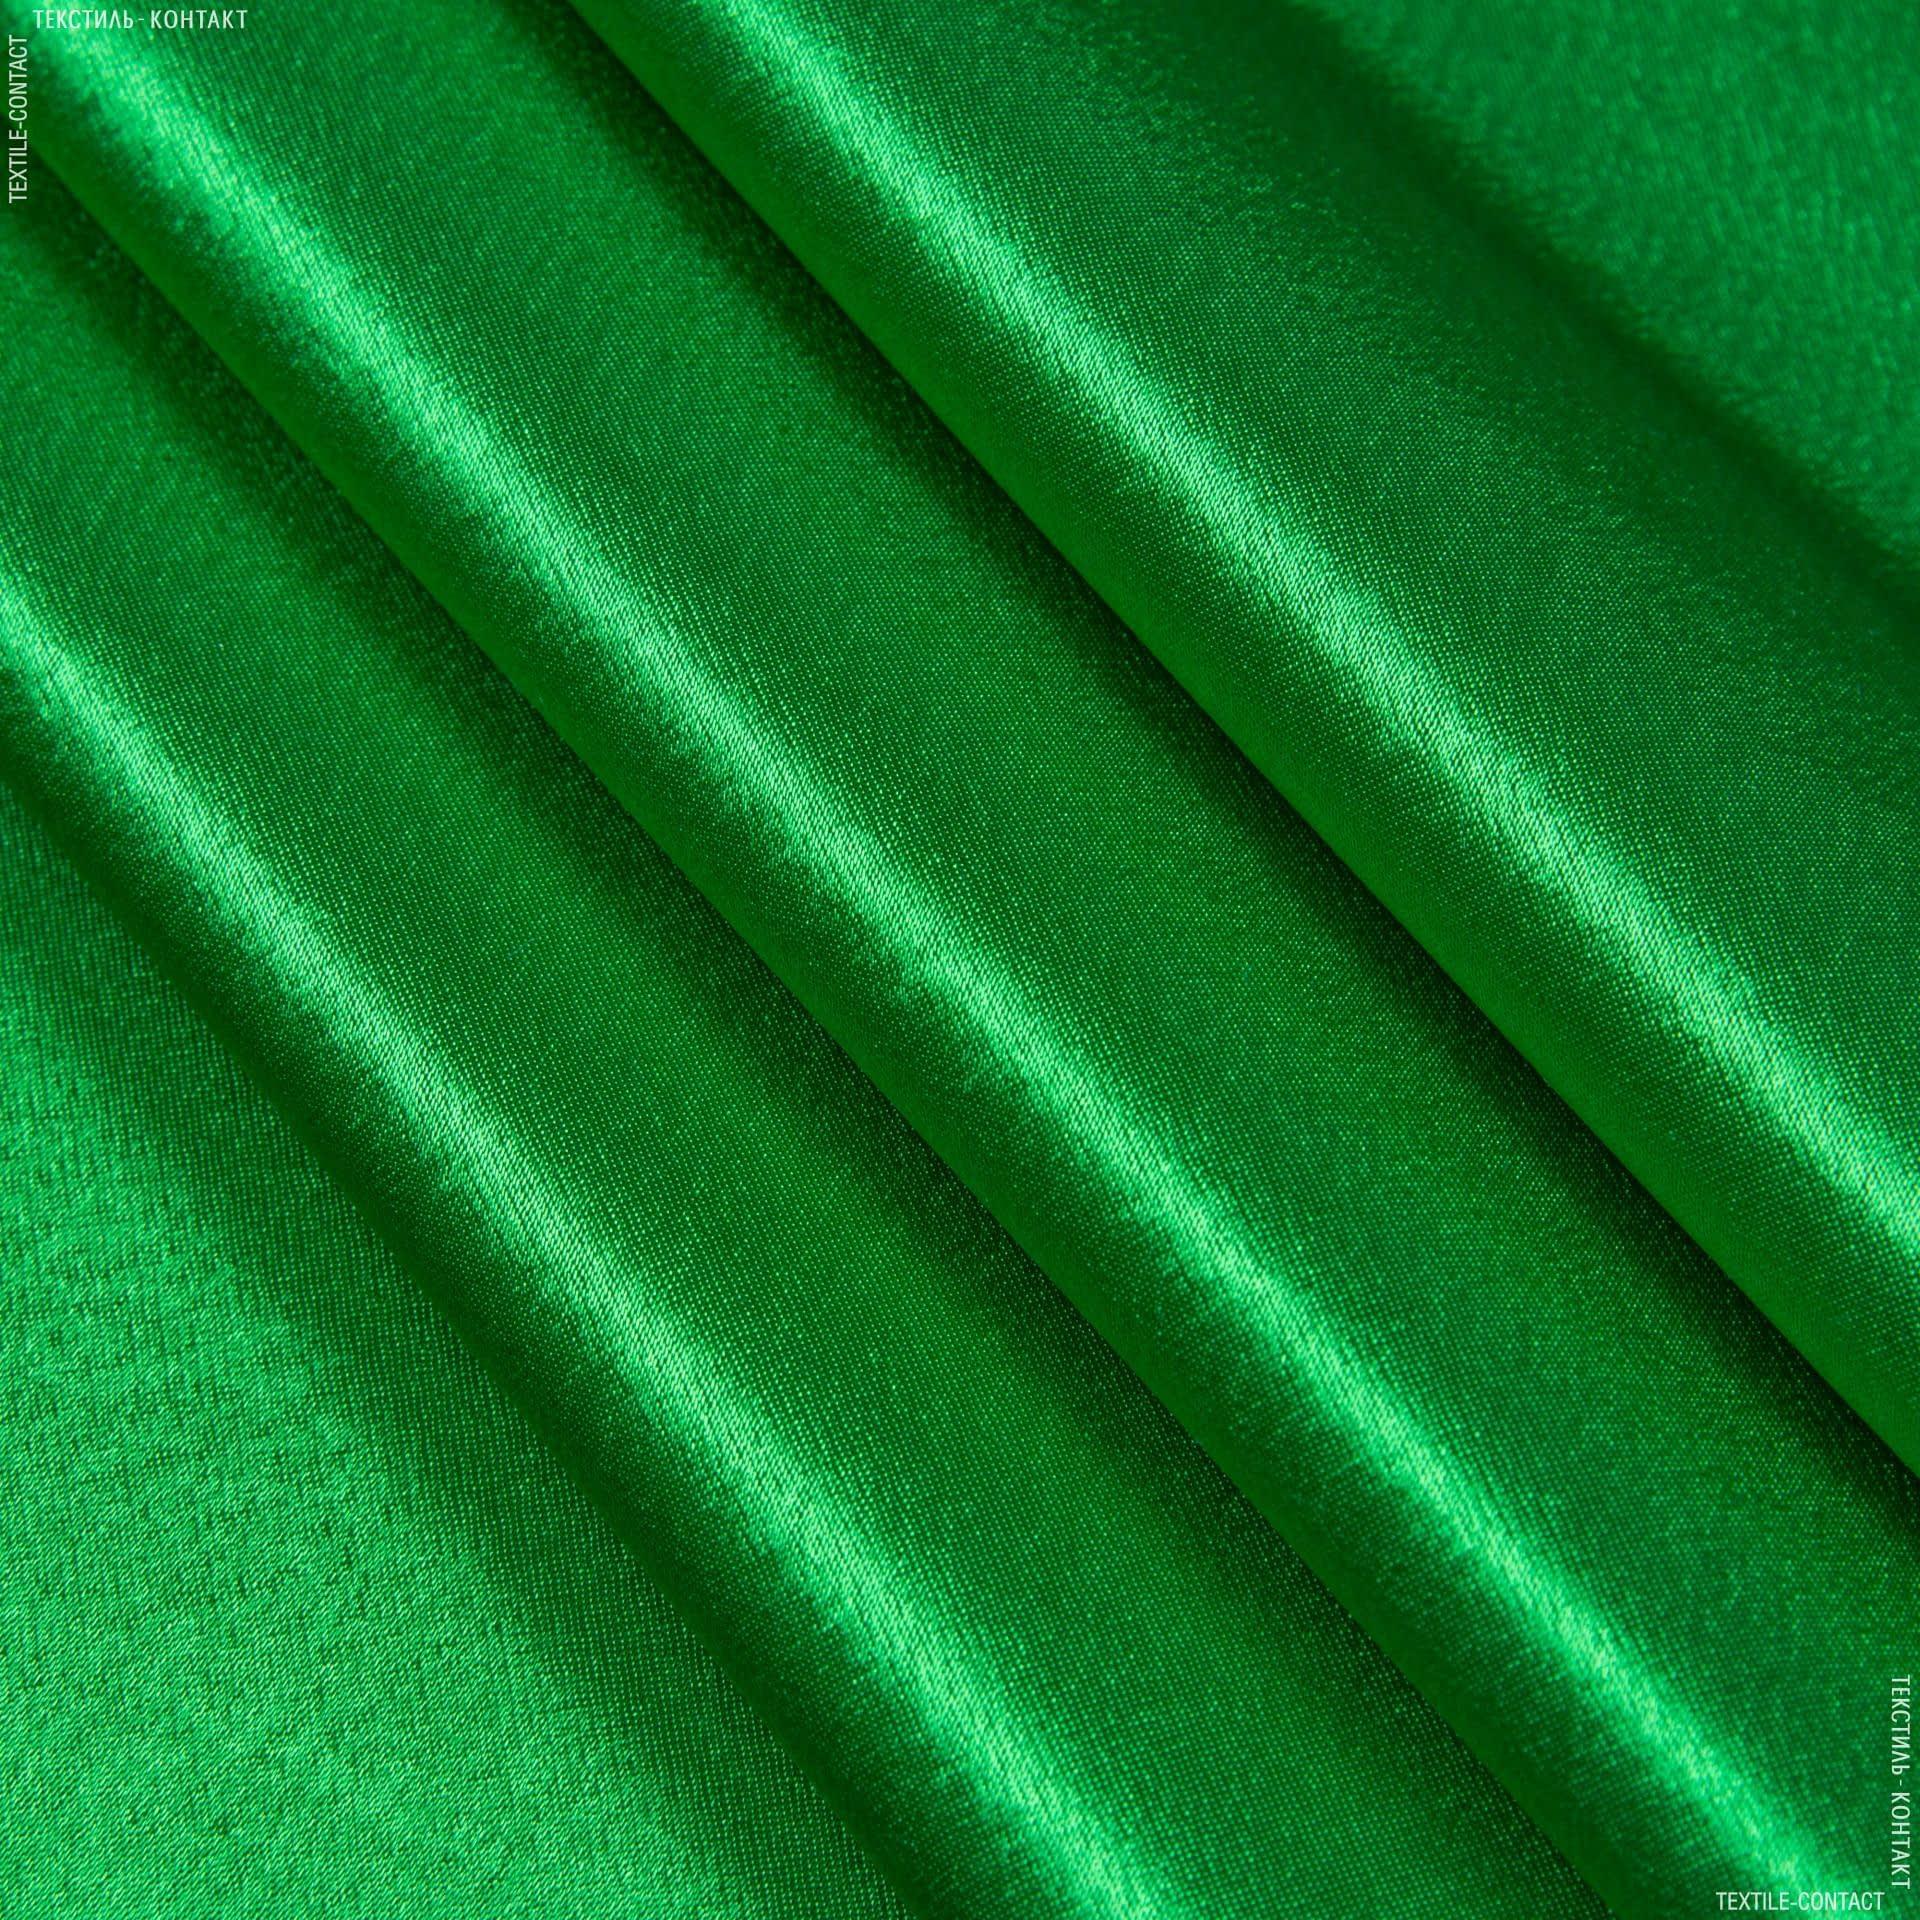 Ткани для платьев - Креп-сатин темная трава